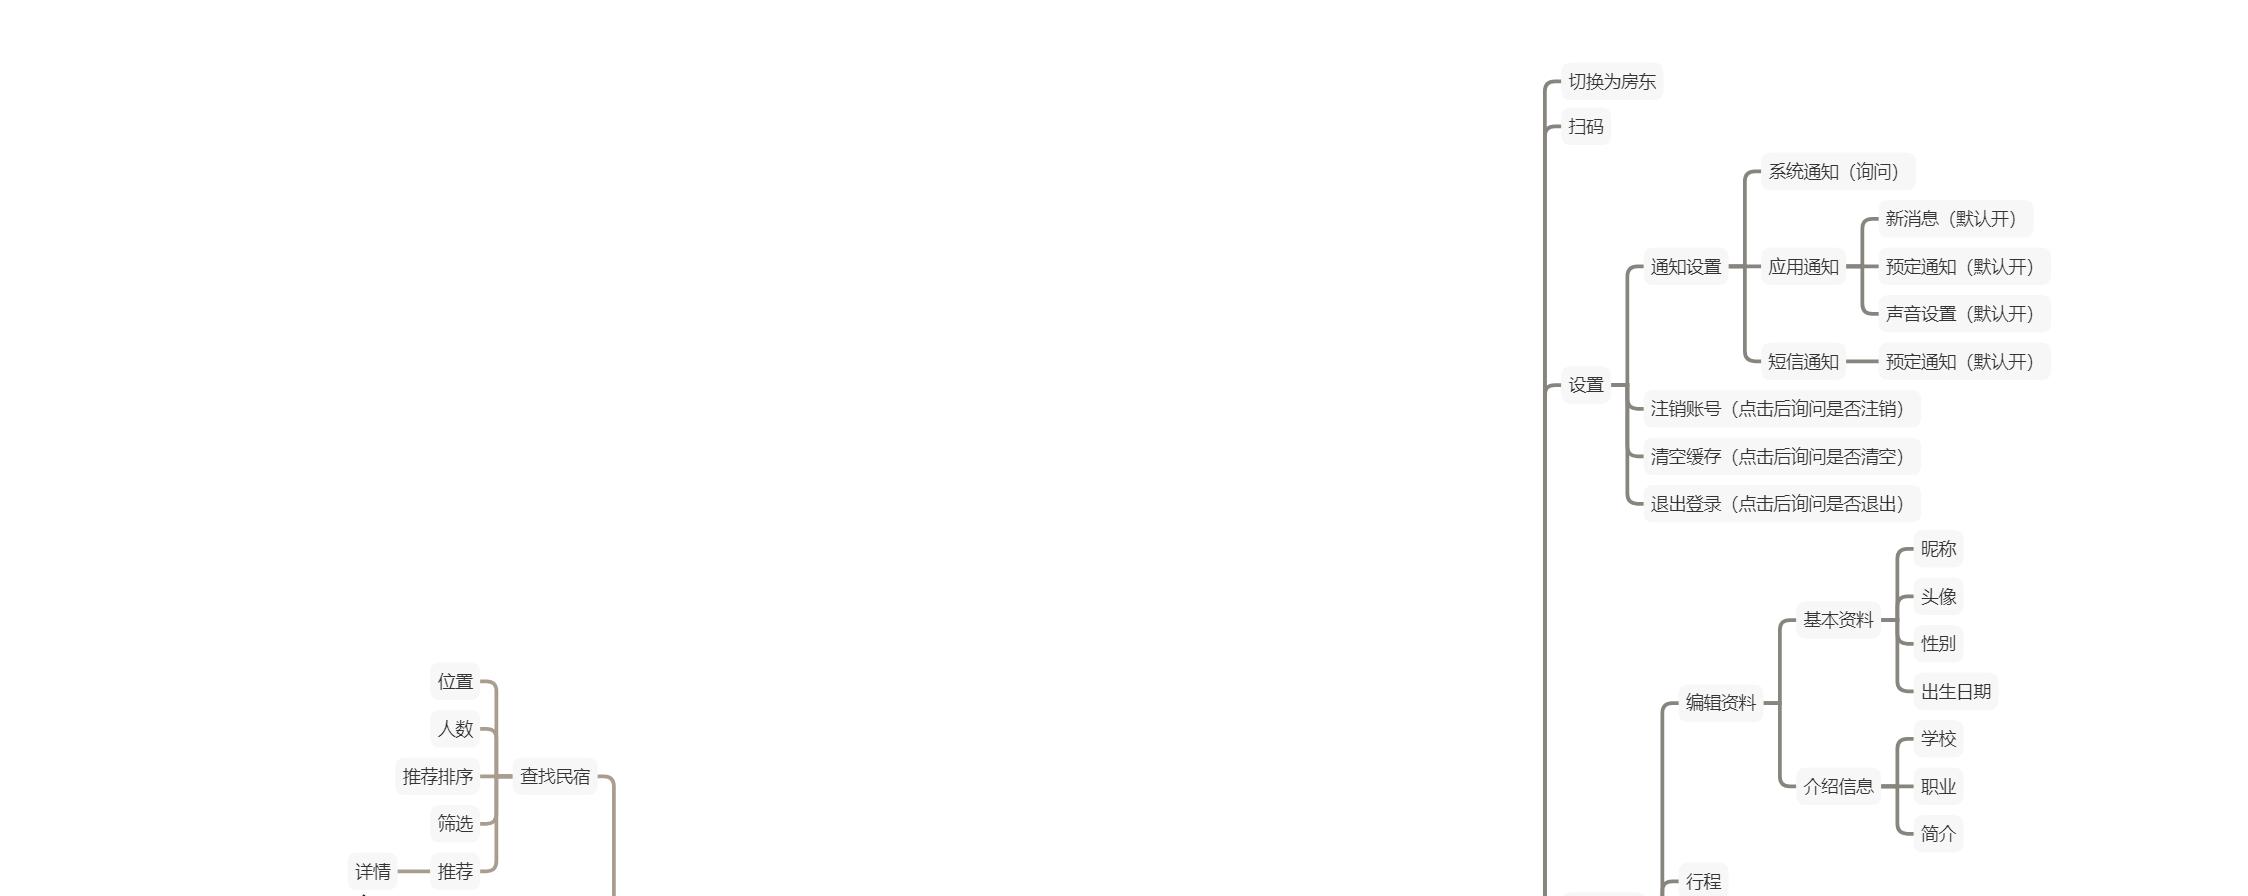 产品体验报告:美团民宿,你了解多少?插图12